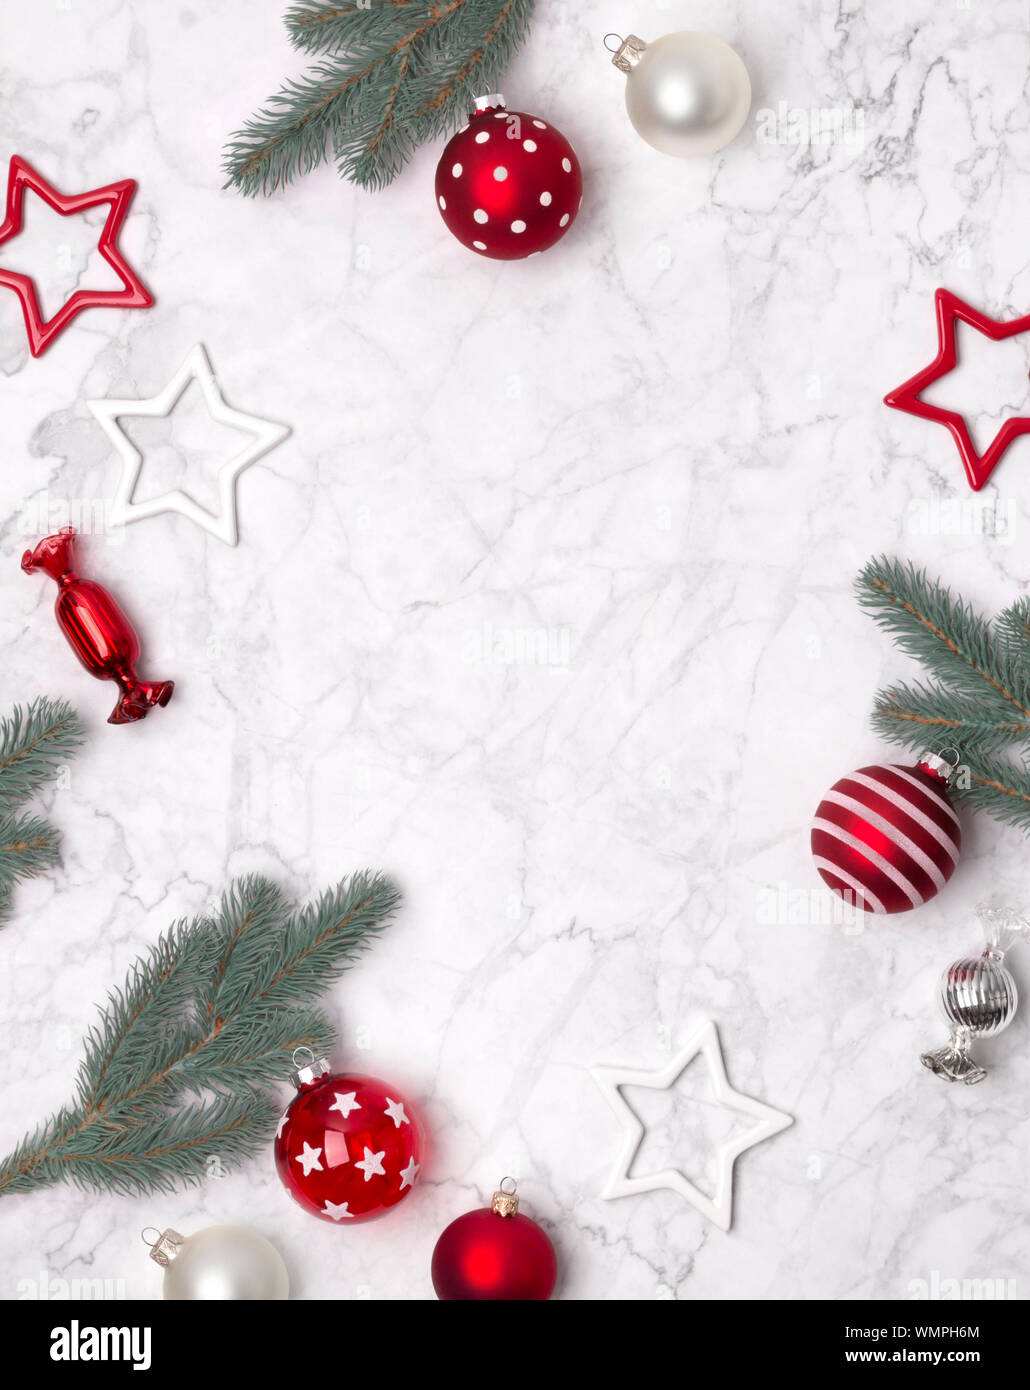 Christbaumkugeln Sterne.Weihnachten Zusammensetzung Rahmen Aus Tannenzweigen